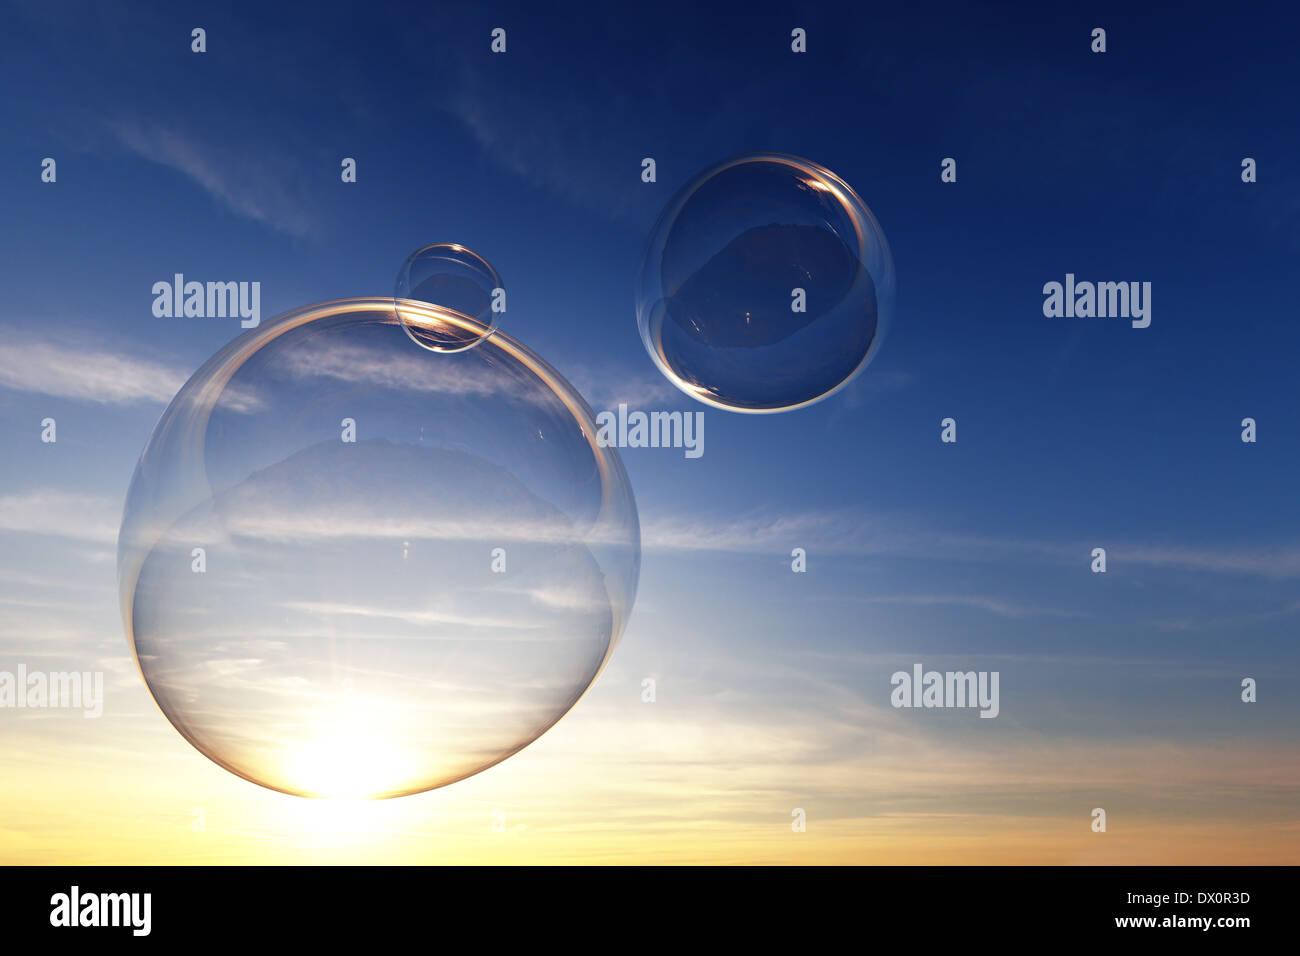 Claro burbujas de jabón en el cielo con el atardecer - 3D Render Imagen De Stock